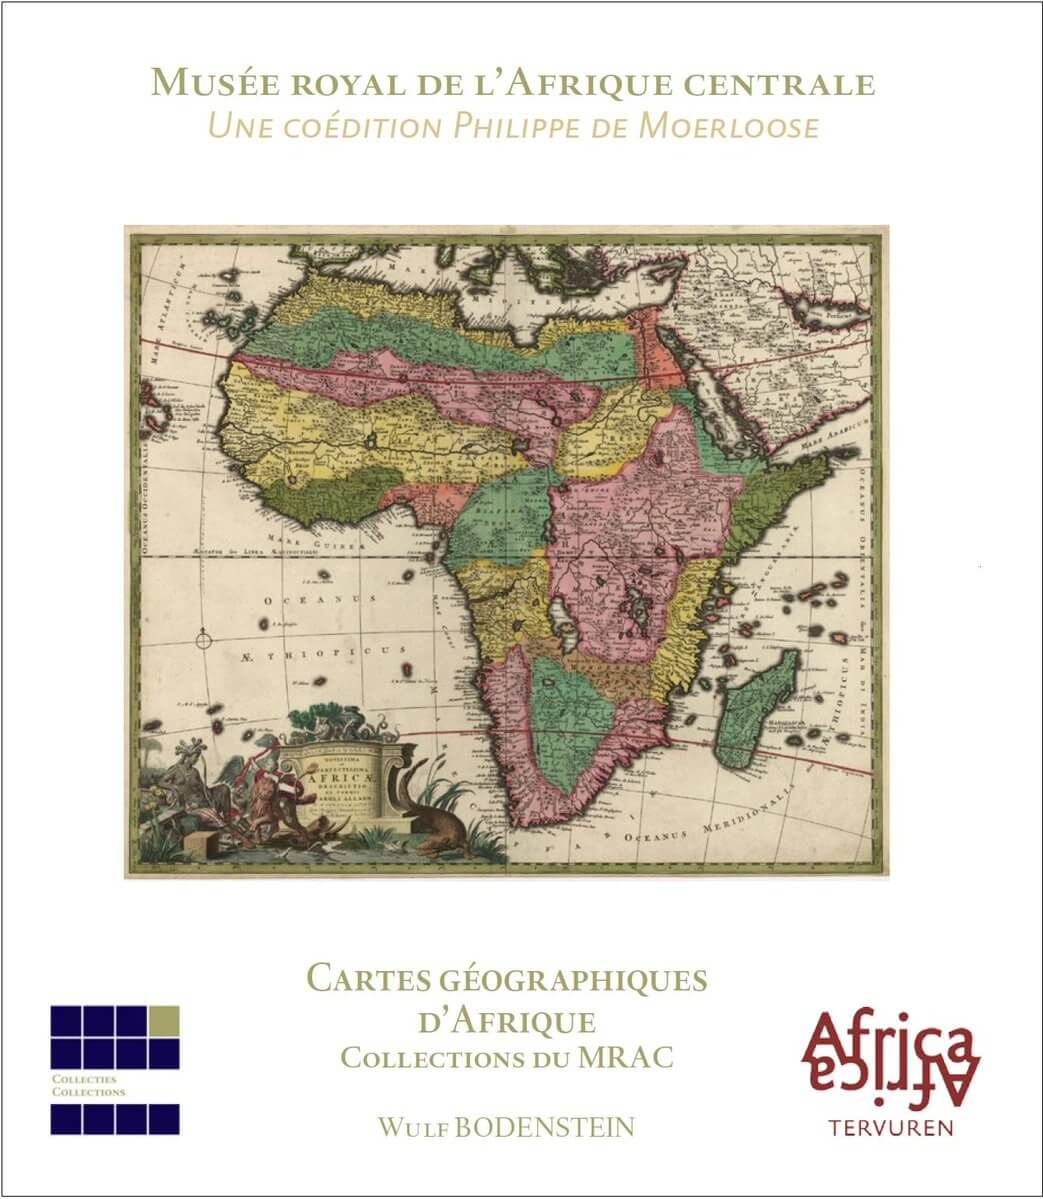 """""""Cartes géographiques d'Afrique"""" de Wulf Bodenstein : 2e ouvrage co-édité par Philippe de Moerloose et le MRAC"""